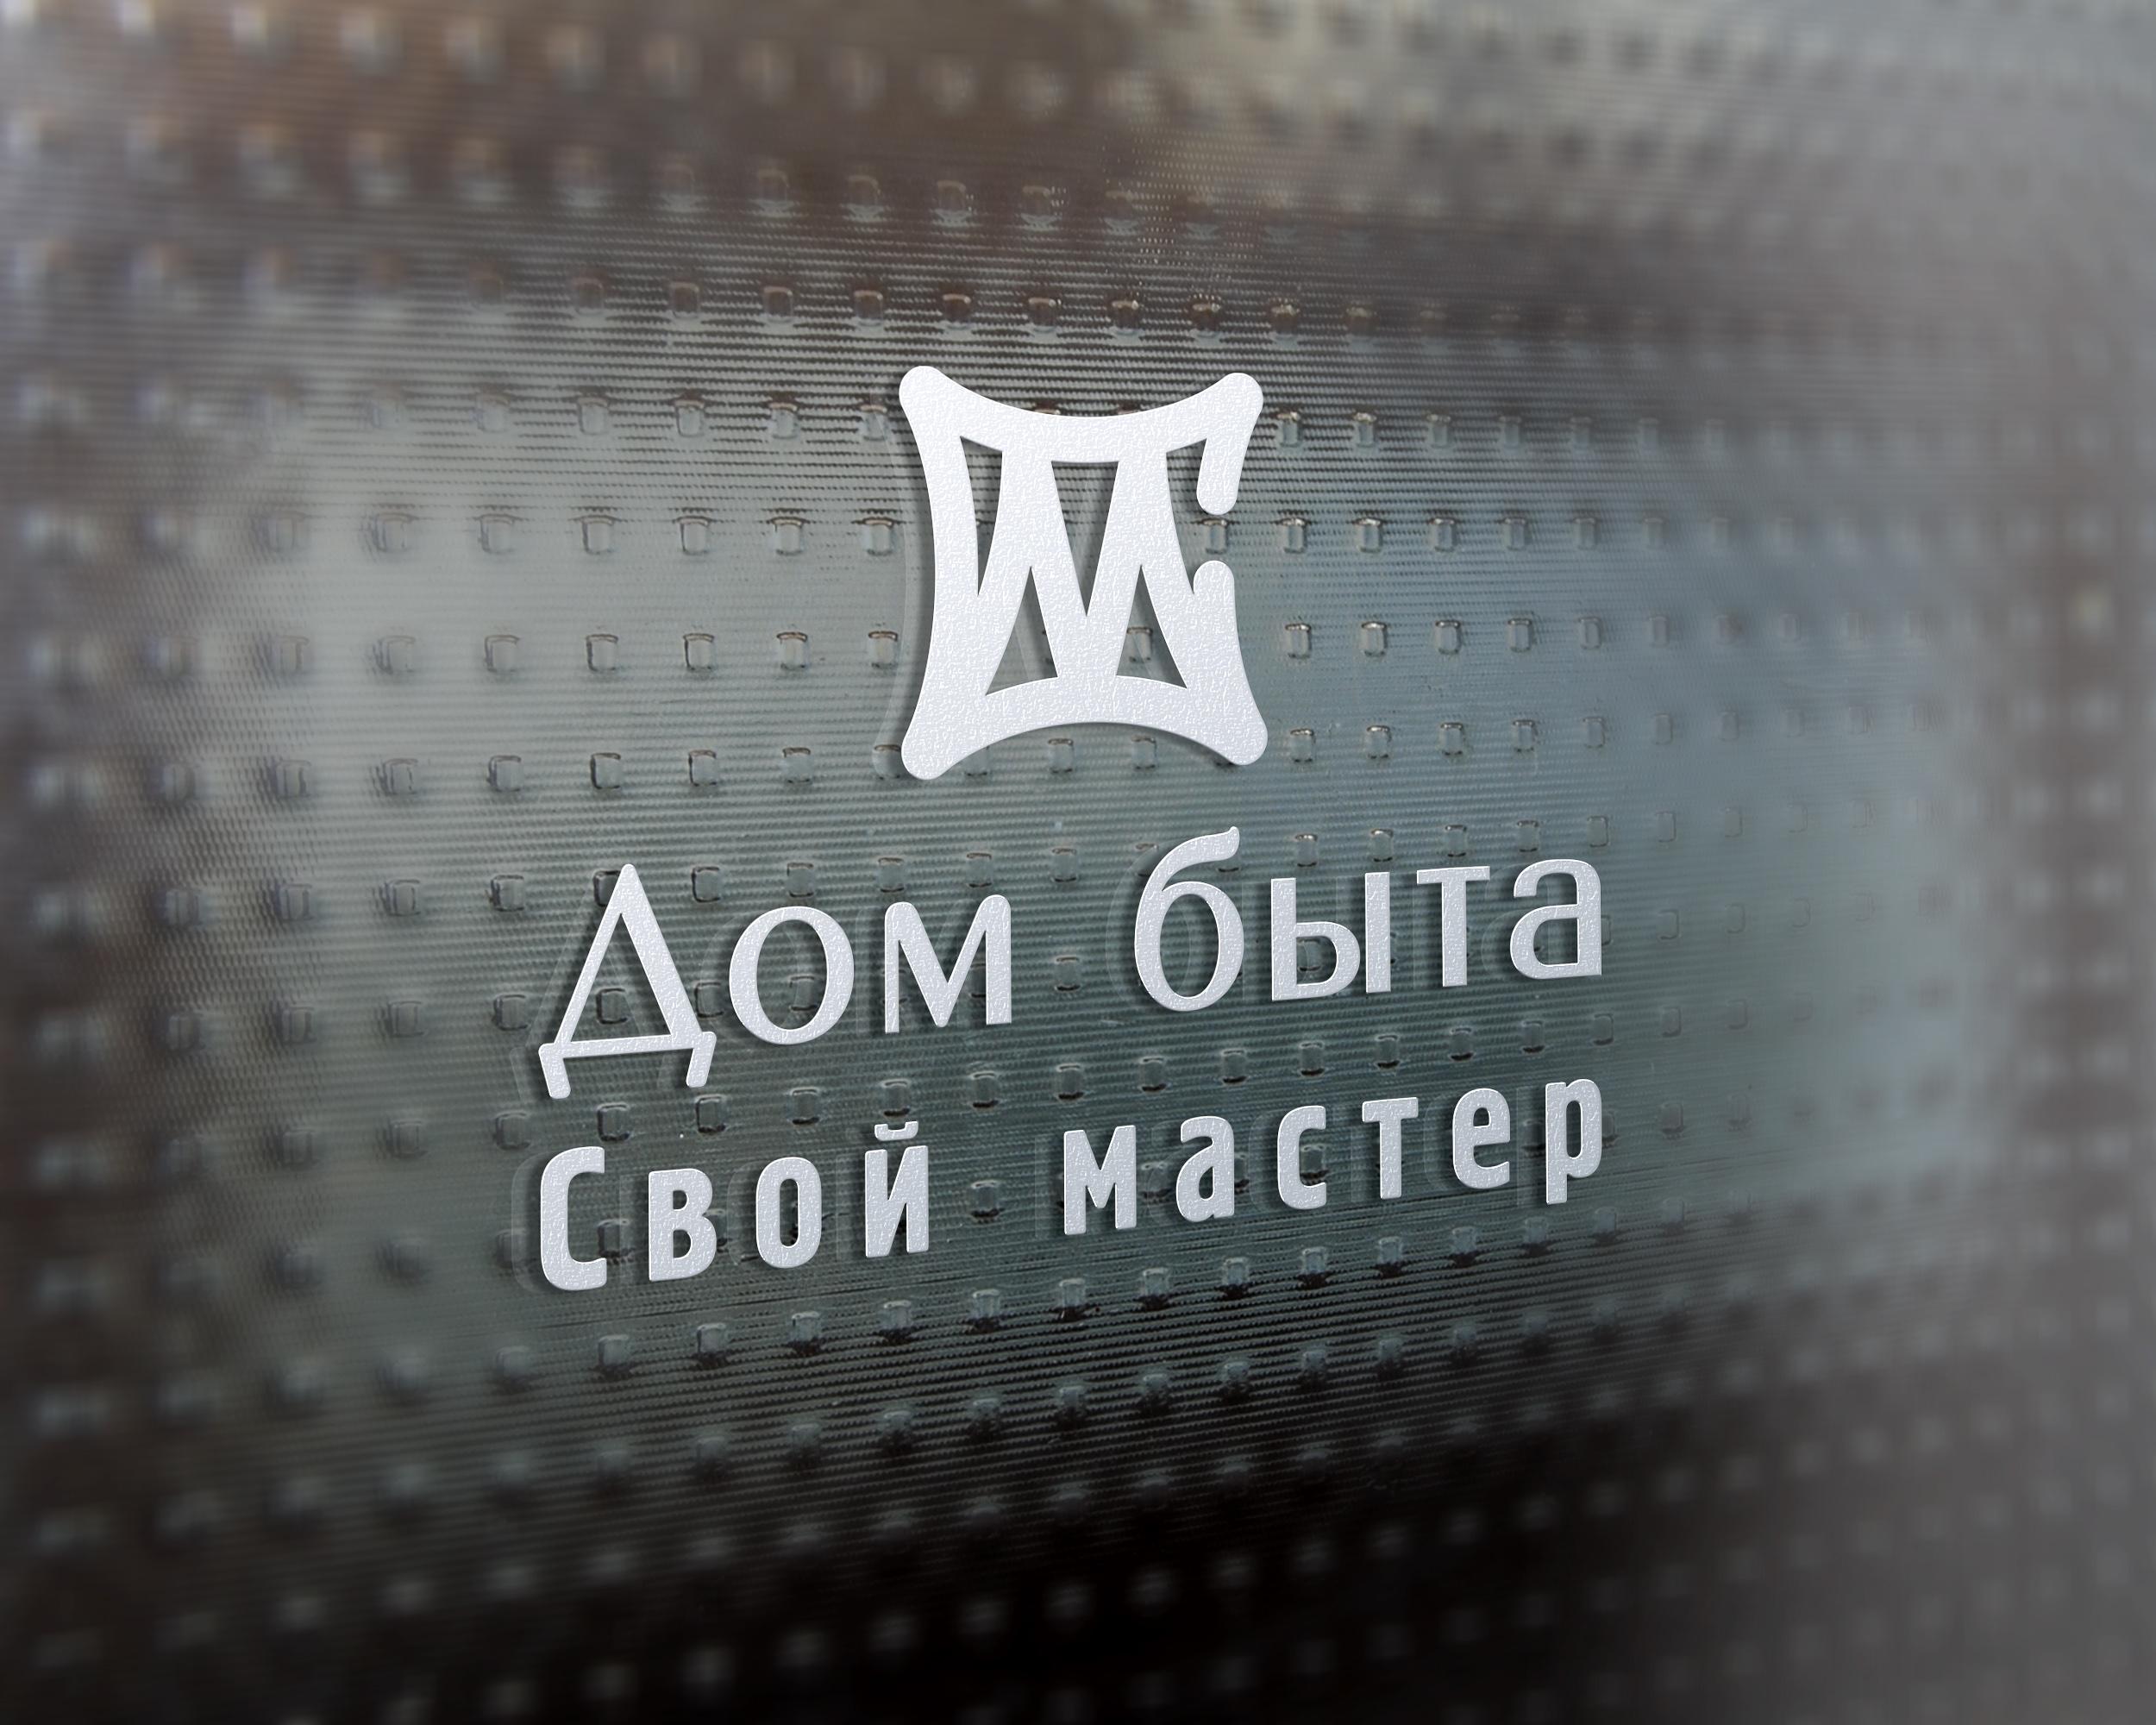 Логотип для сетевого ДОМ БЫТА фото f_8985d7ac2c84d524.jpg